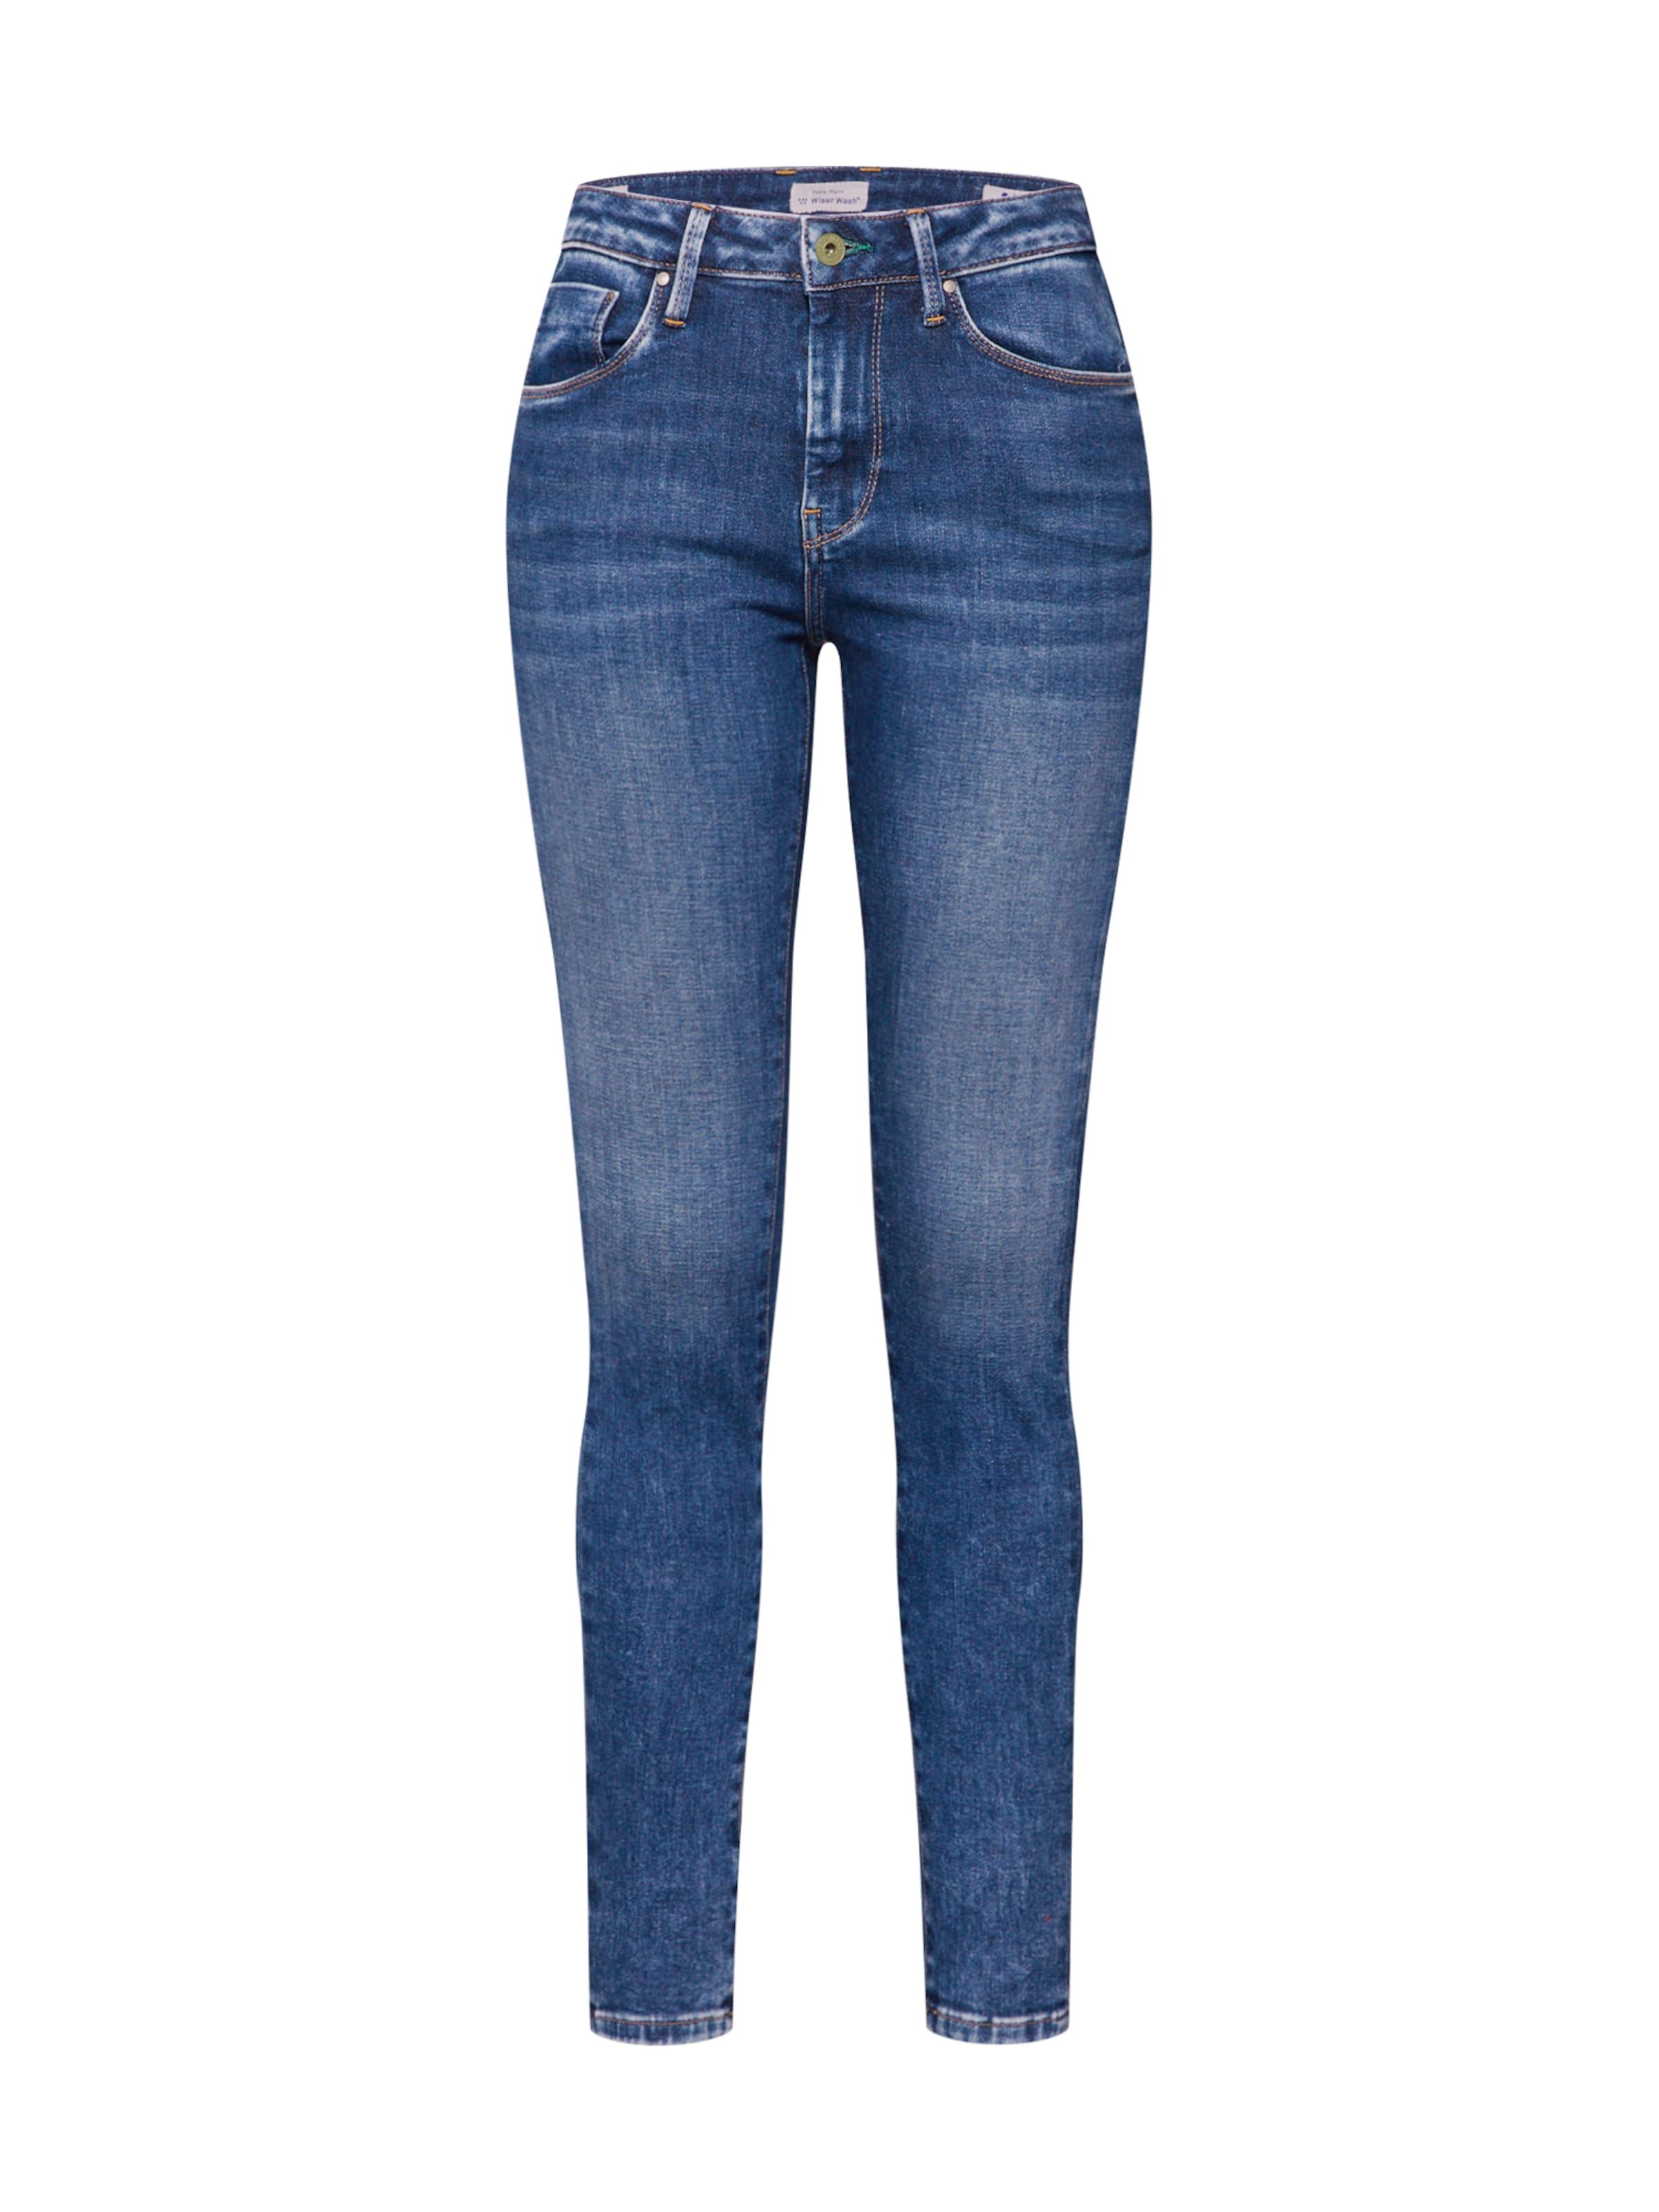 Damen Pepe Jeans Jeans 'Regent' blau, rot, schwarz,  silber | 08434786541525